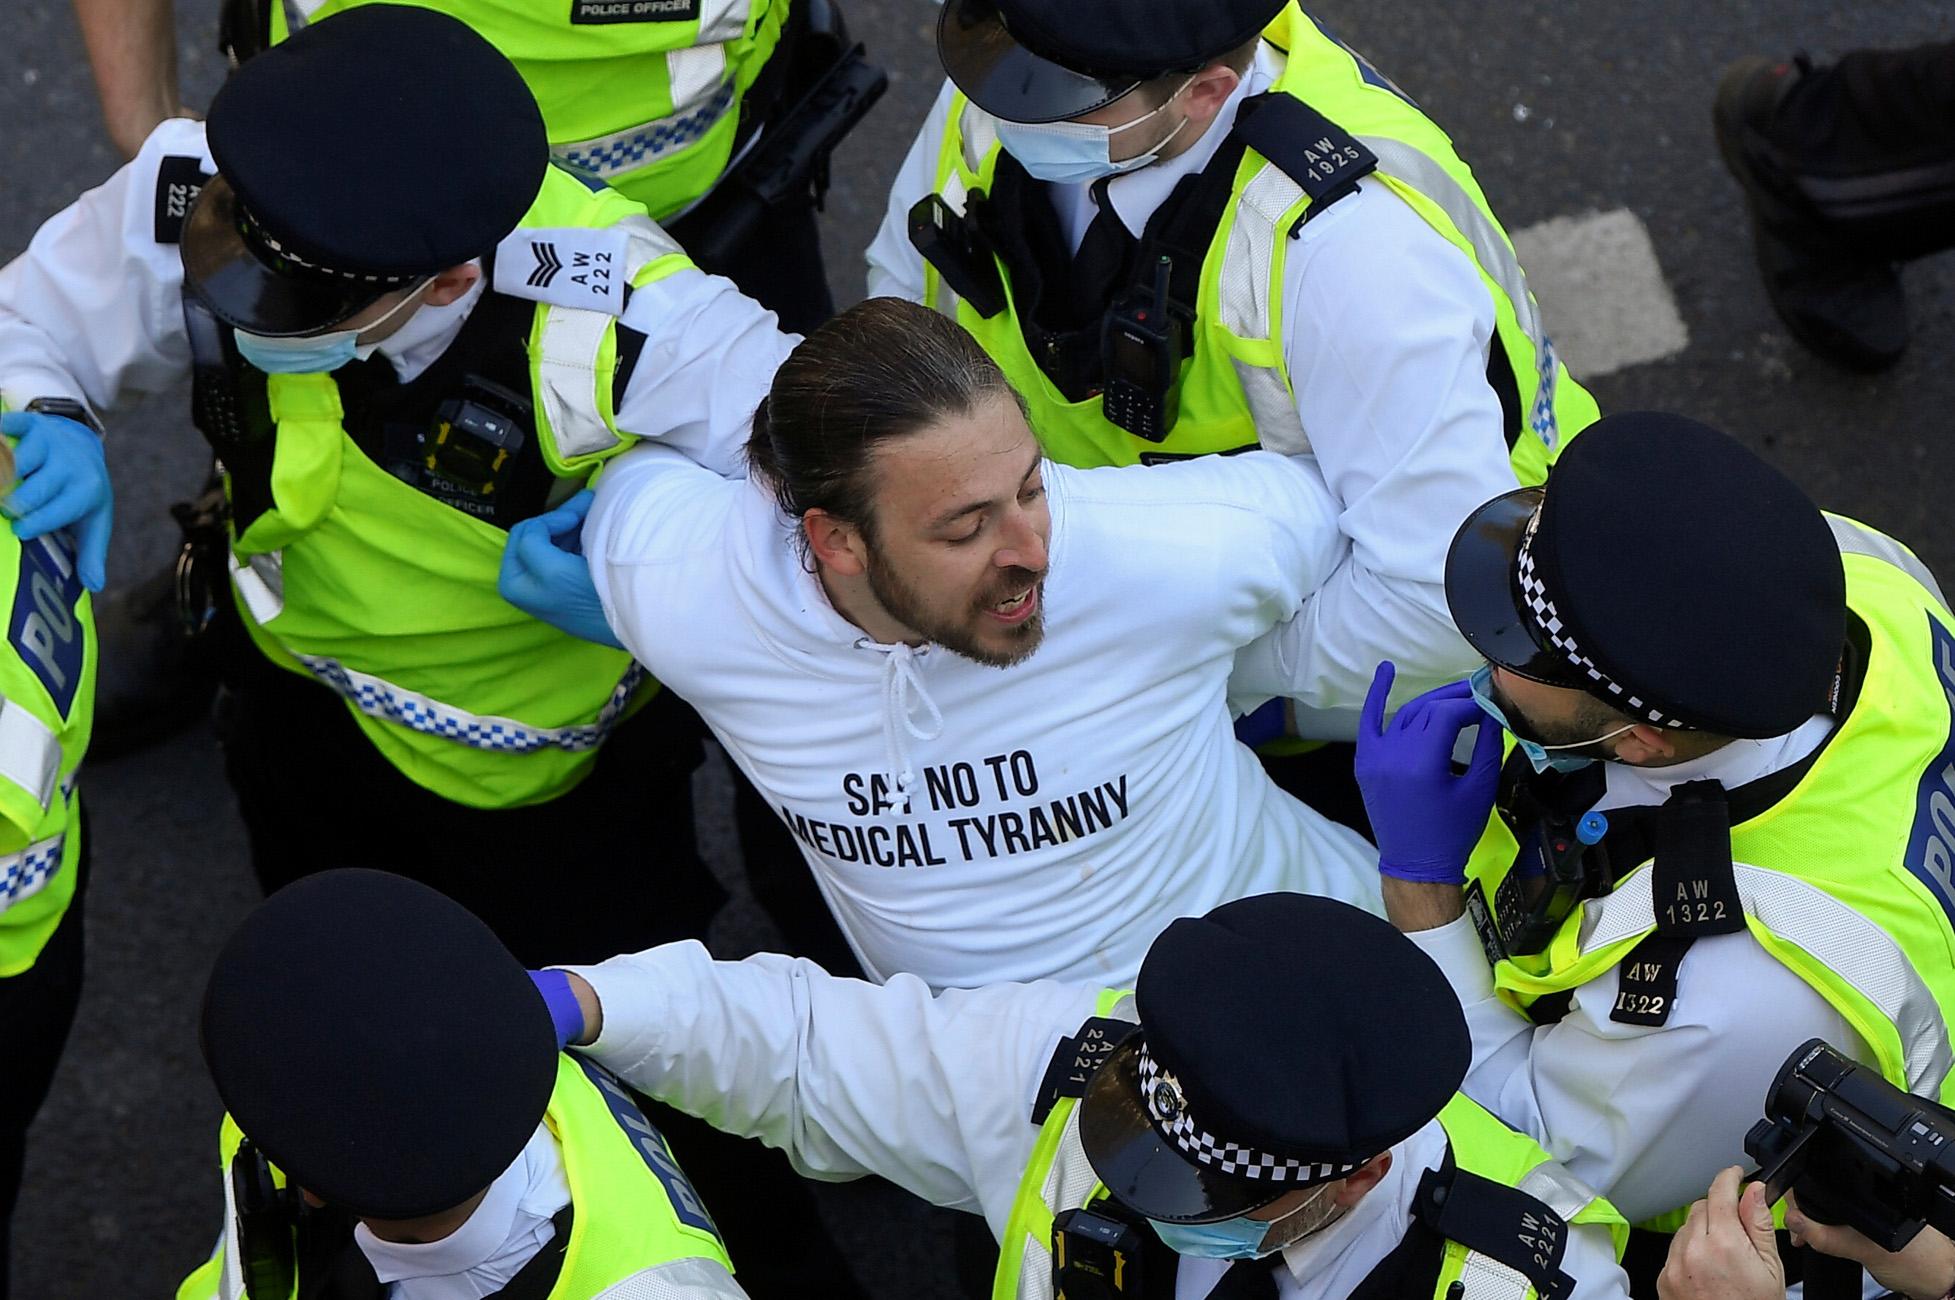 Βρετανία: Ένταση και επεισόδια από διαδήλωση αρνητών του κορονοϊού